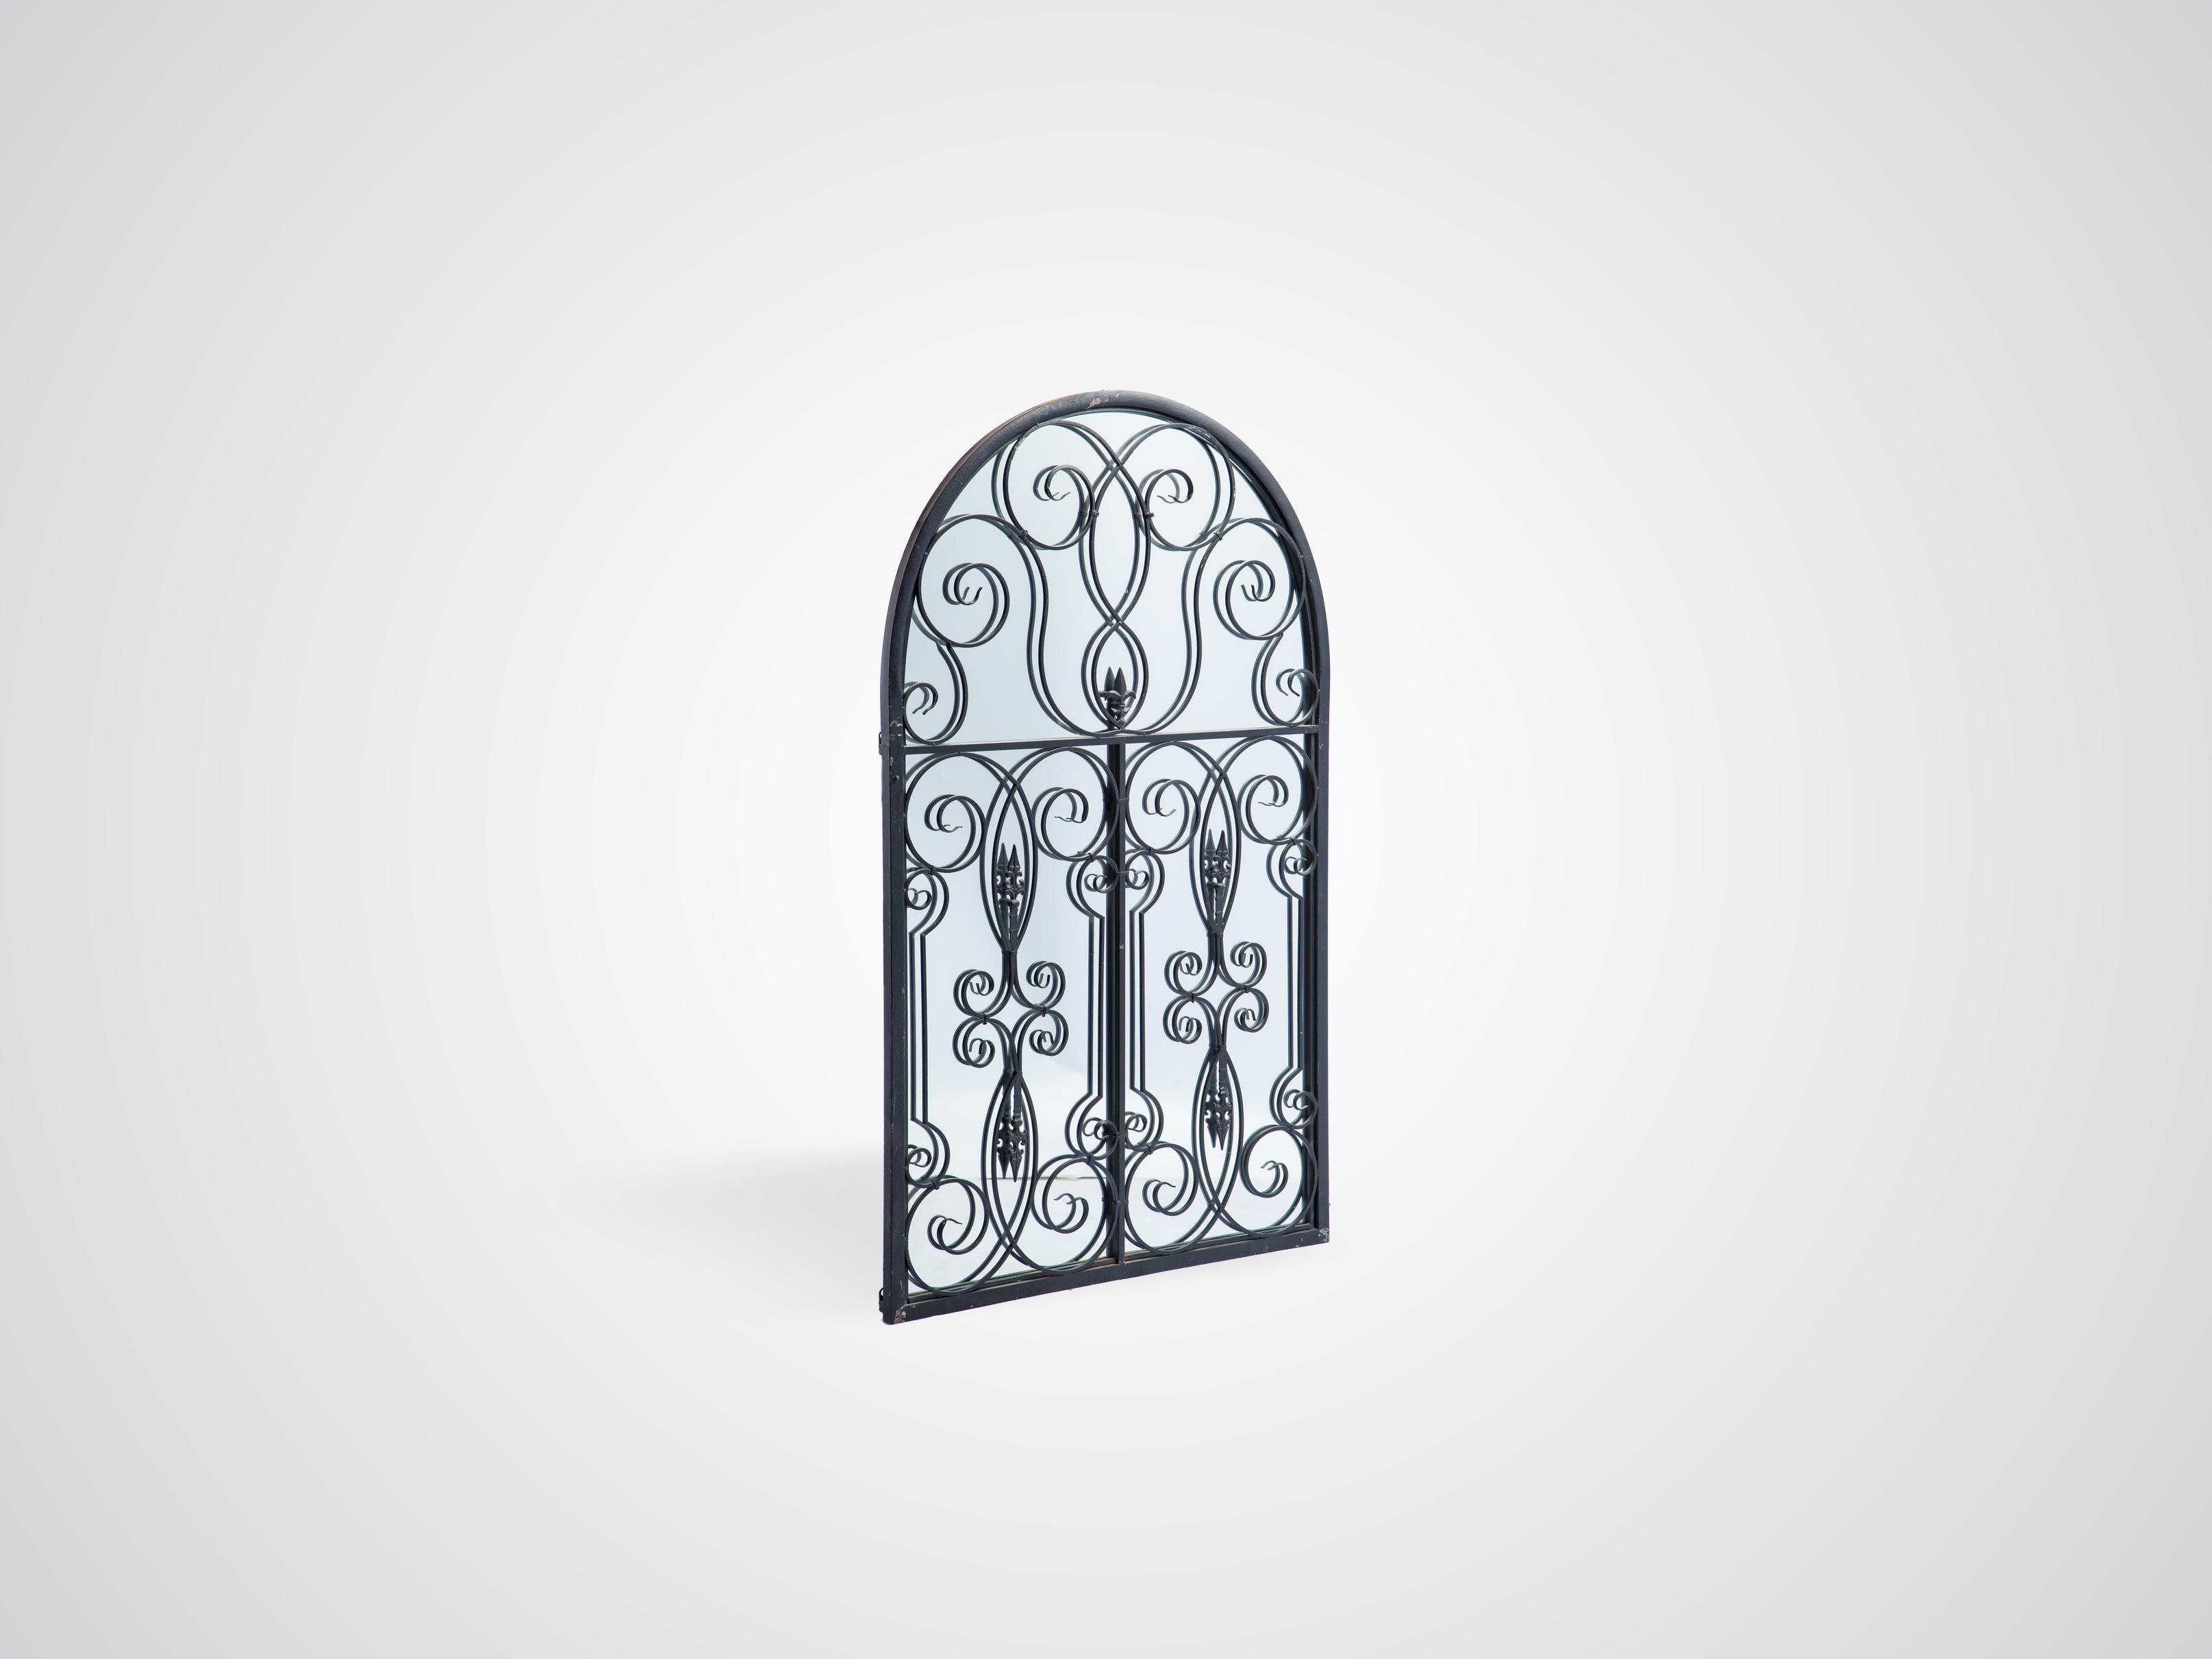 Купить Декоративное зеркало в железной раме с кованым декором, inmyroom, Китай